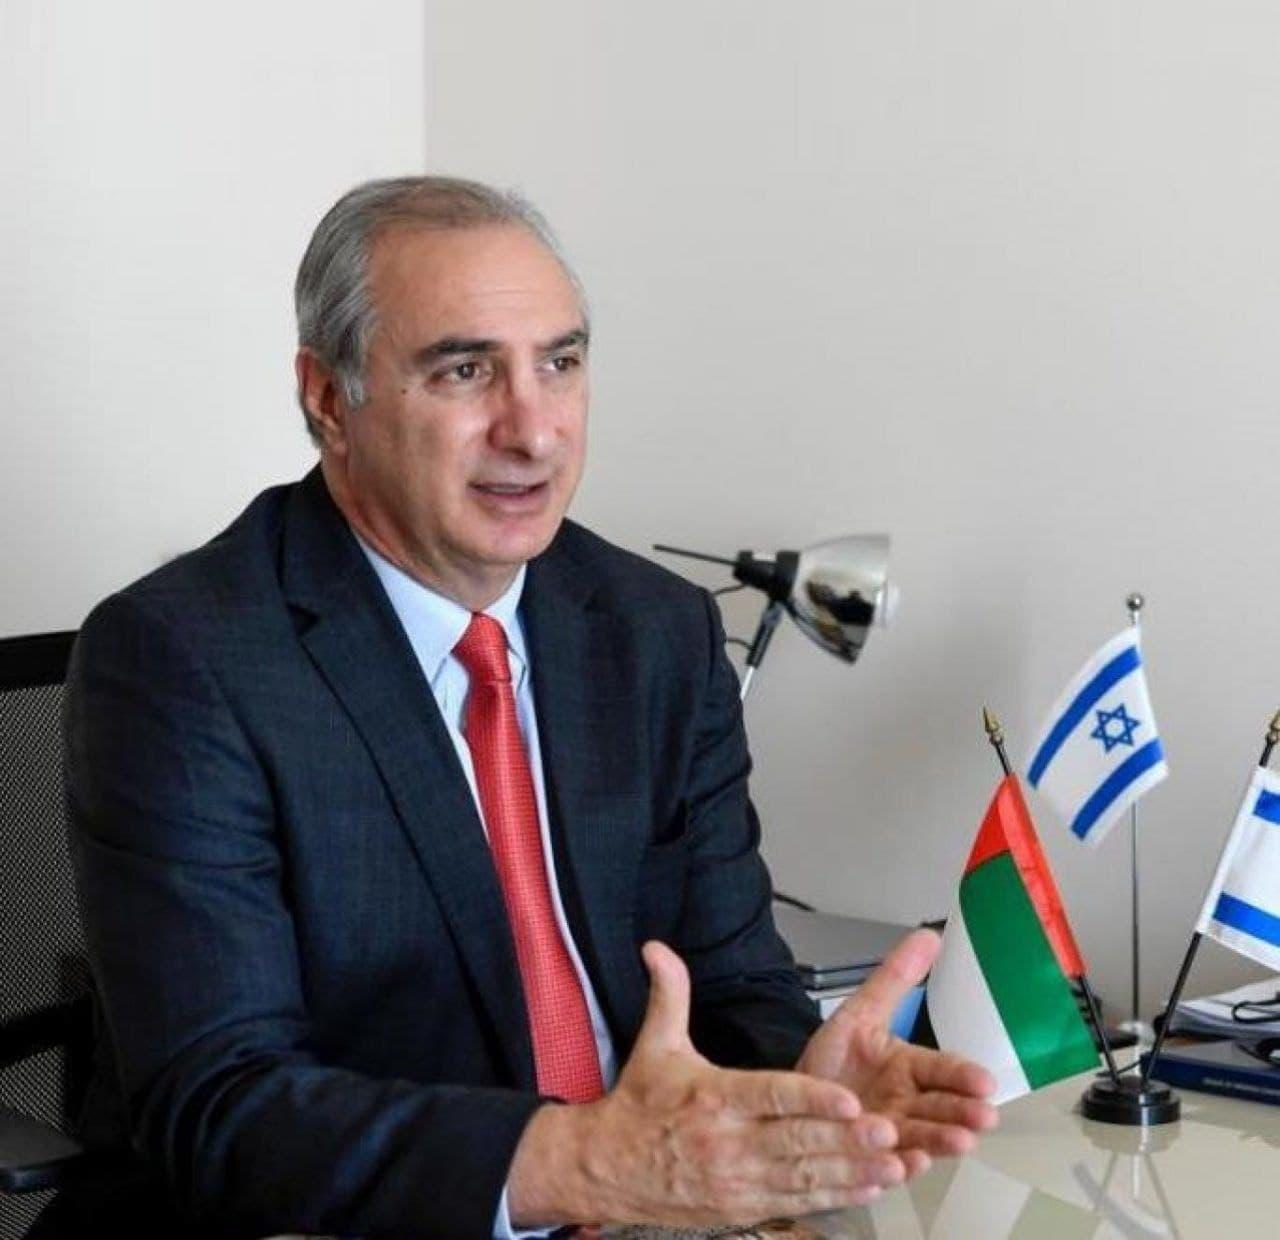 ایتان نائه بهعنوان نخستین سفیر اسرائیل در بحرین معرفی شد